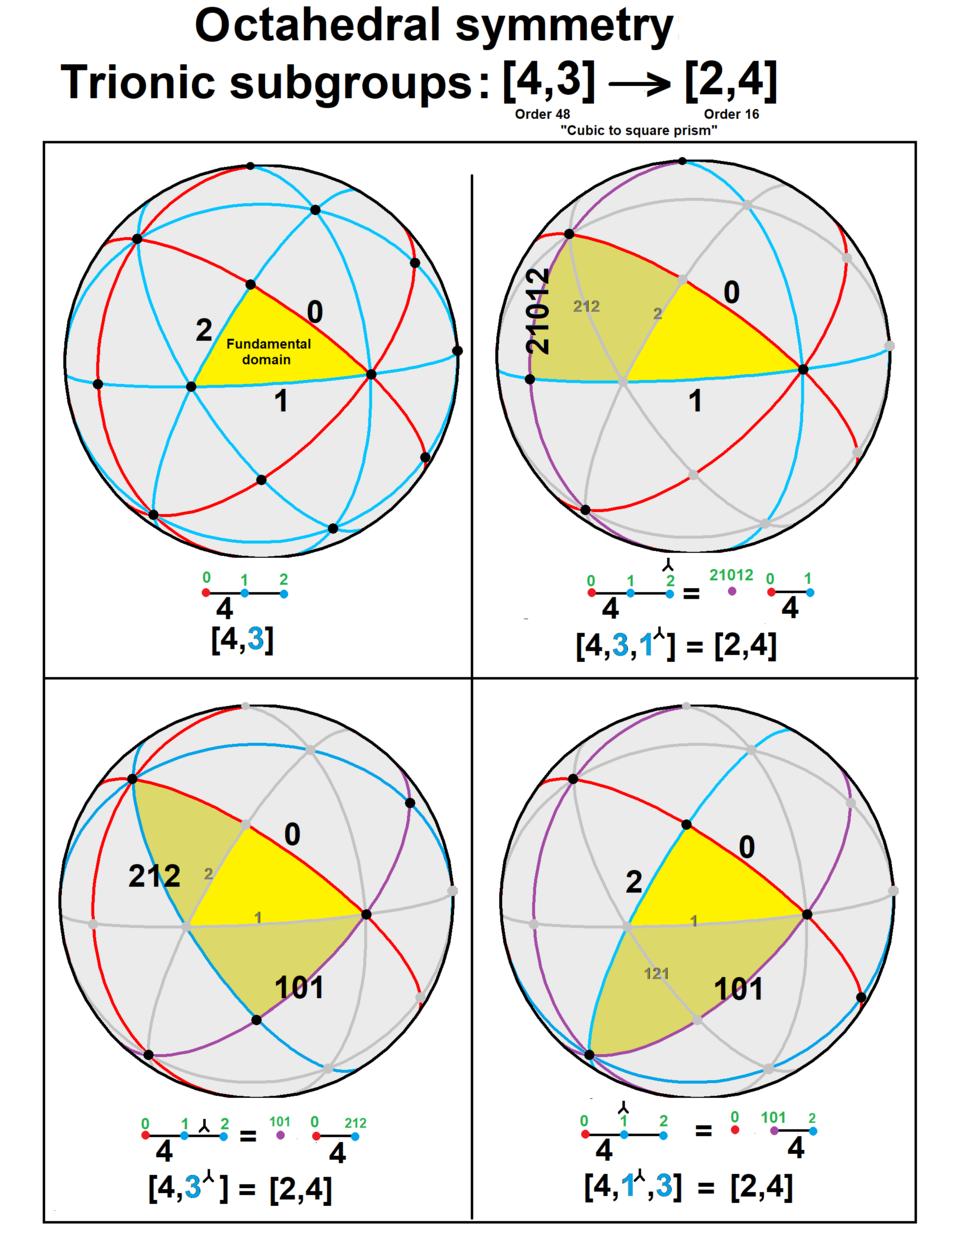 432 trionic subgroups